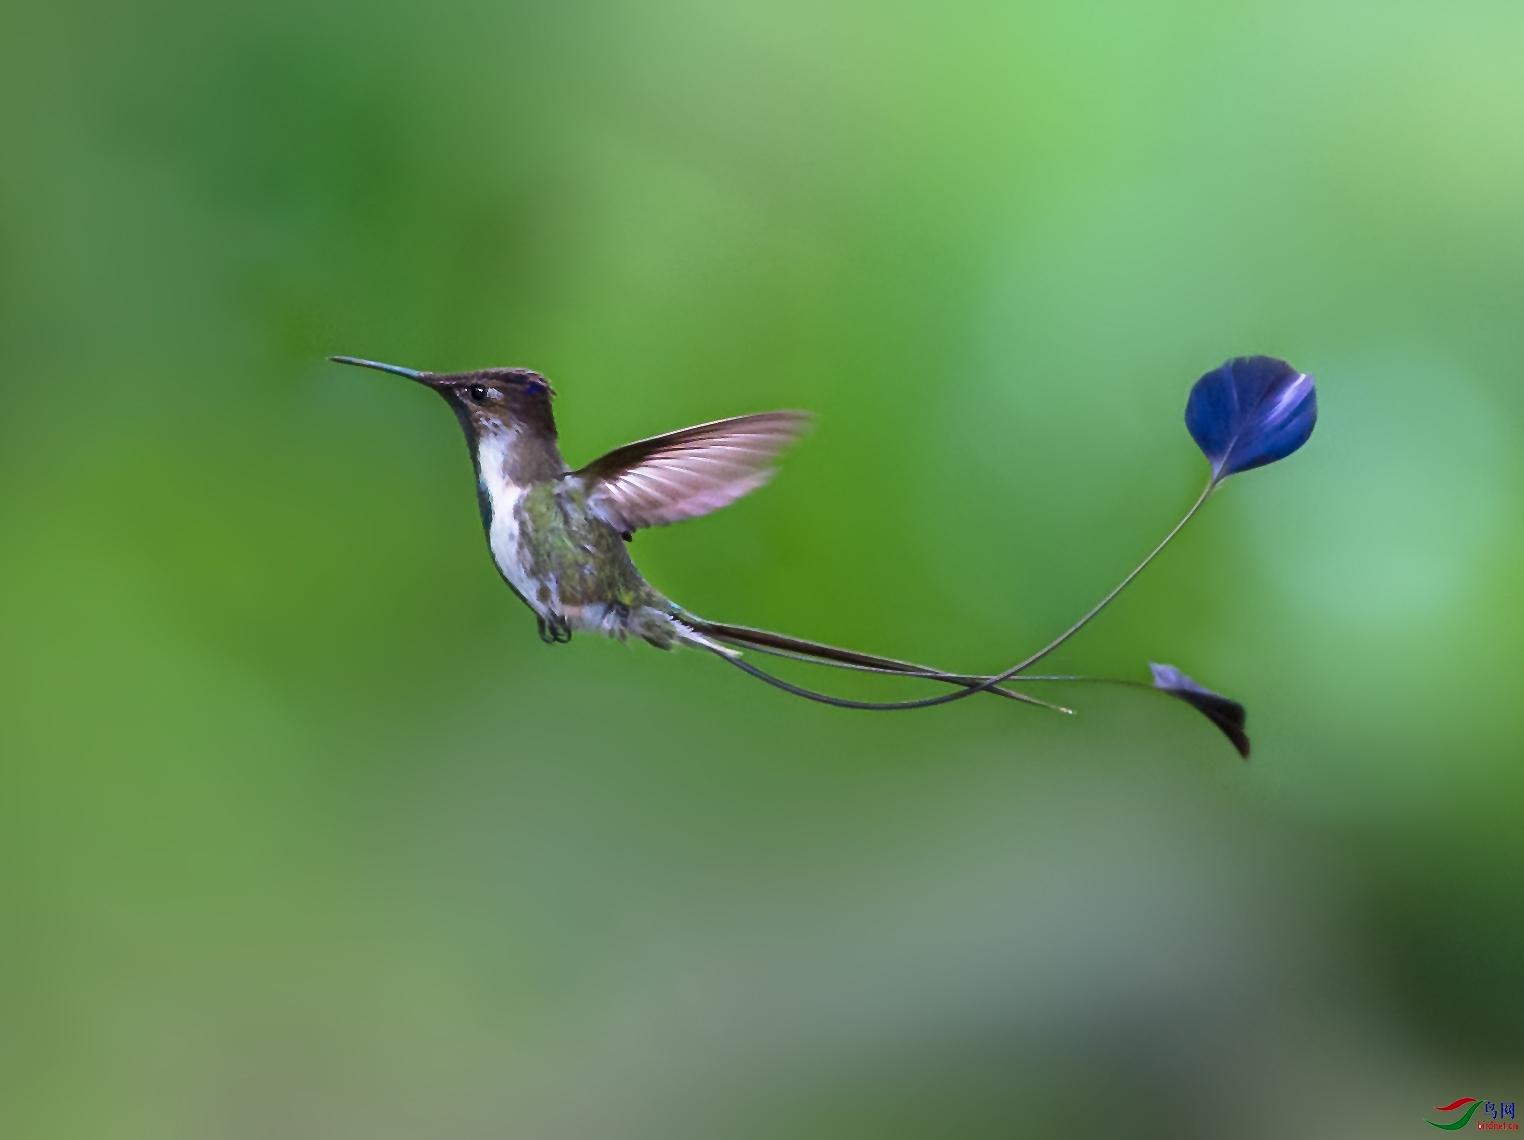 2_WZW1530-w叉扇尾蜂鸟.jpg